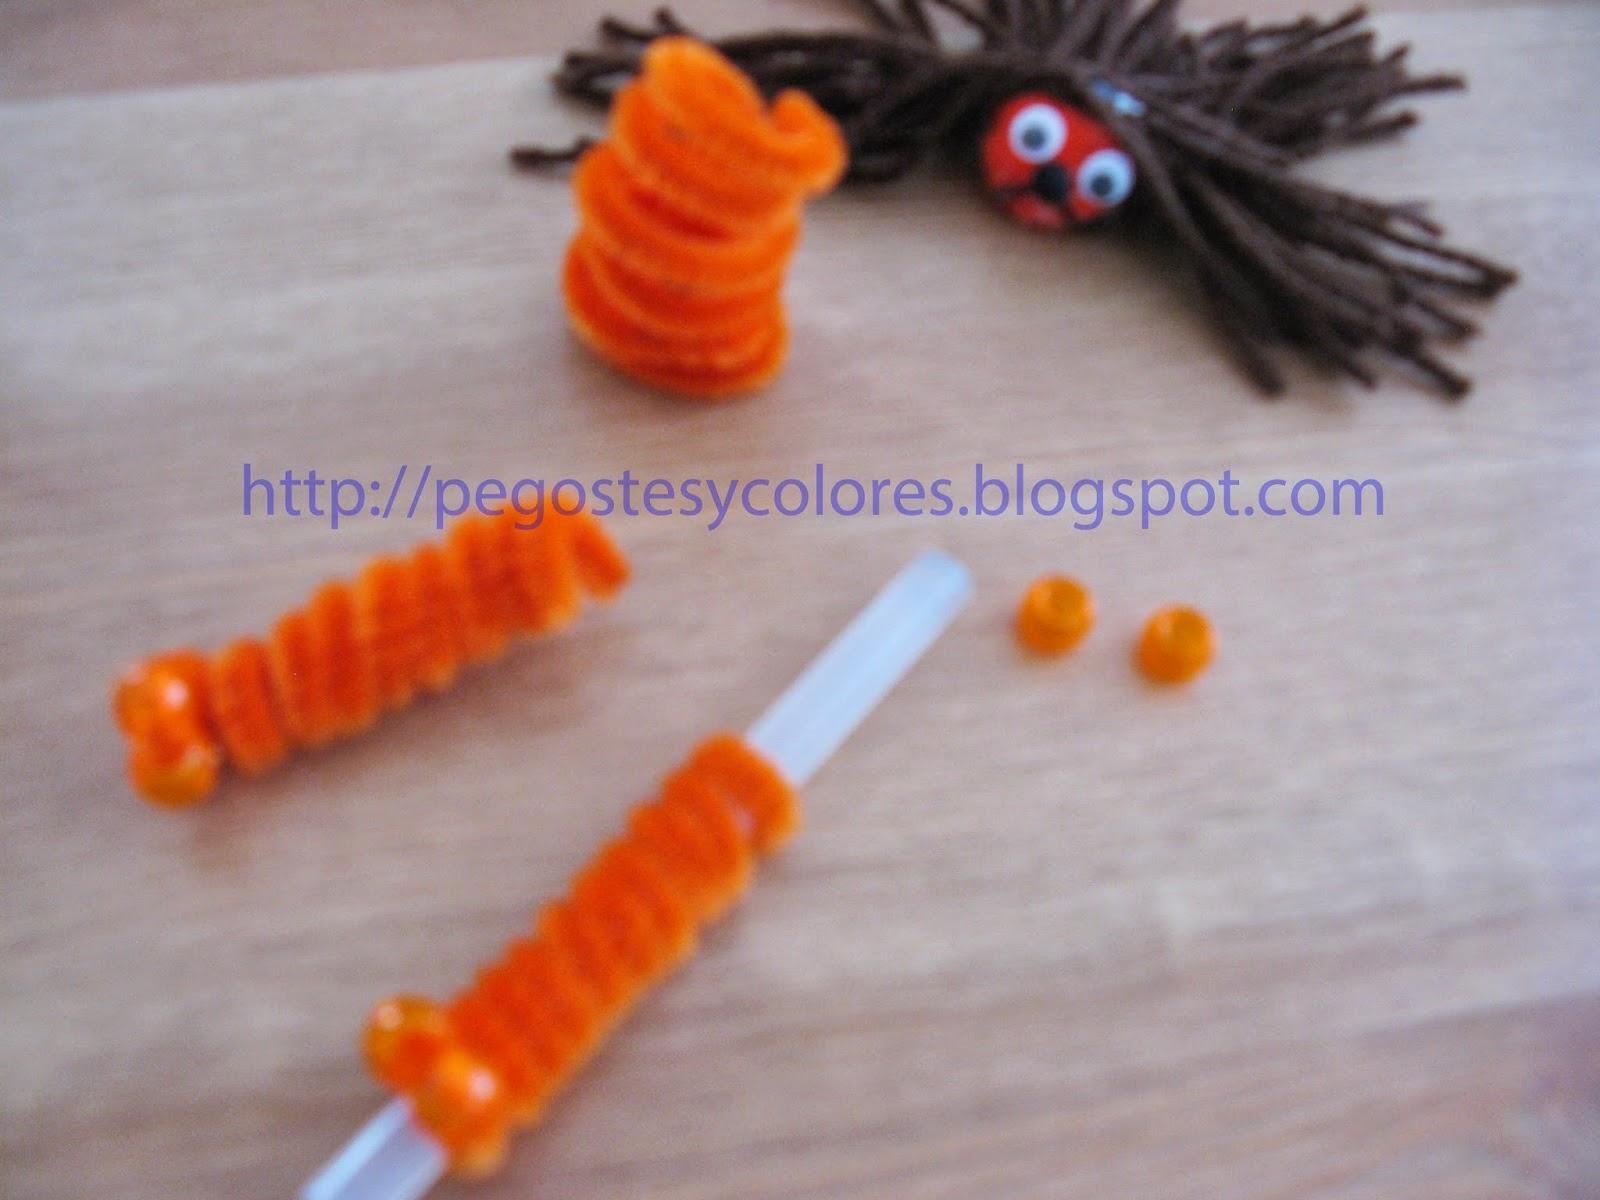 Pegostes y colores t teres de limpia pipas de el mago de - Como hacer color naranja ...